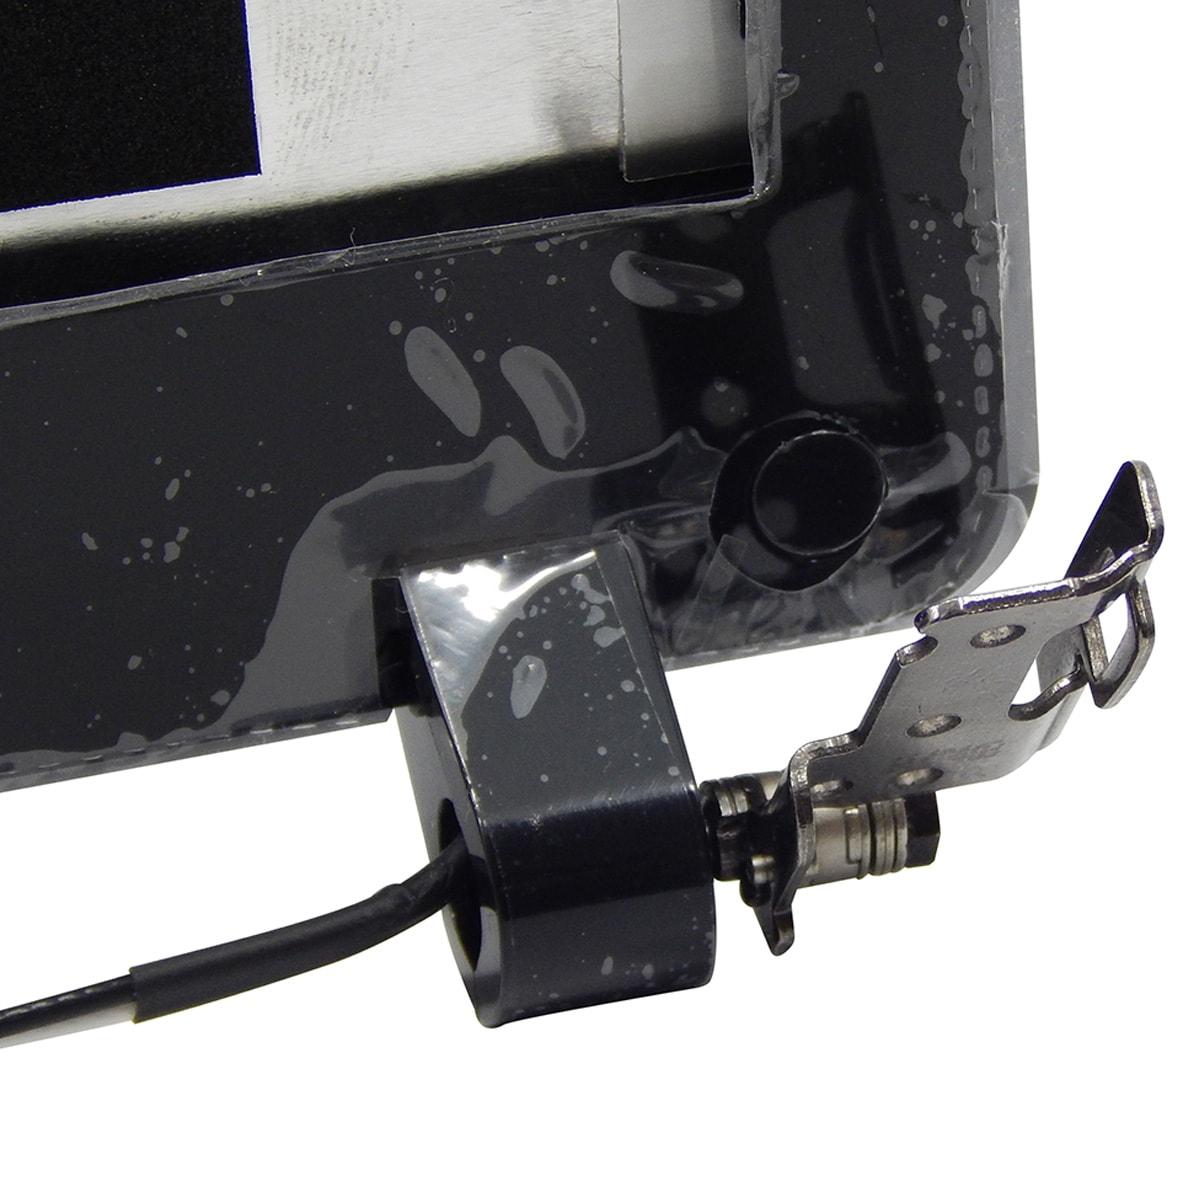 Carcaça Tampa da Tela com Moldura e Dobradiças para Notebook ACER V5-123 - Nova